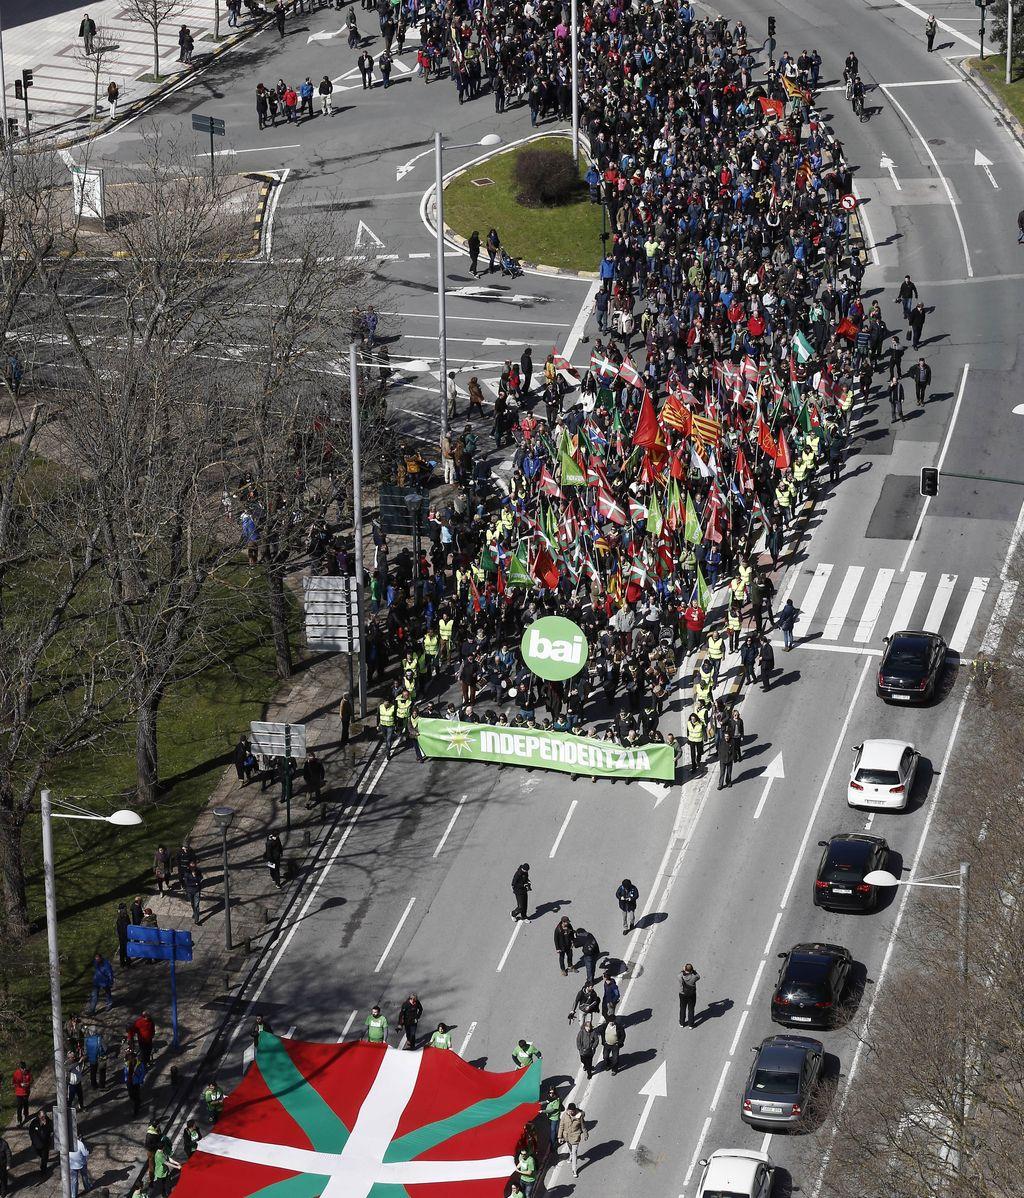 Miles de personas se manifiestan en Pamplona por el independentismo vasco